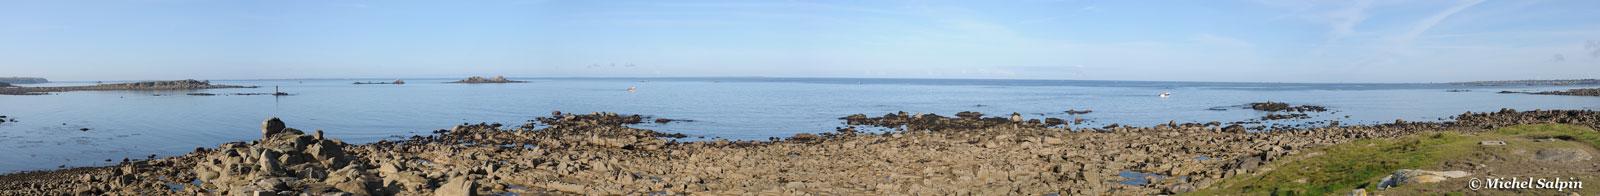 panorama de l'archipel de Molène à Lampaul-Plouarzel